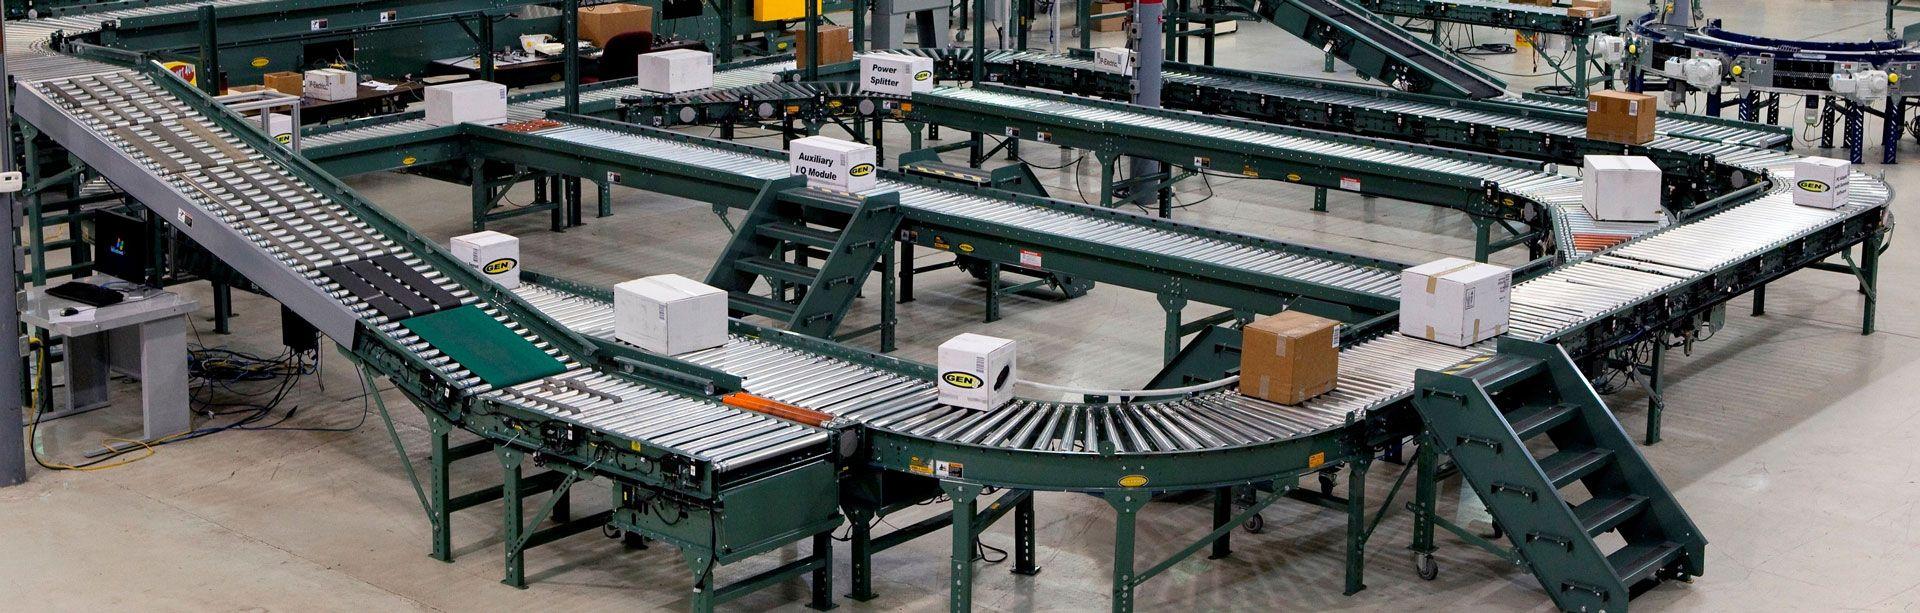 Конвейеры сварочного производства коммерческий конвейер